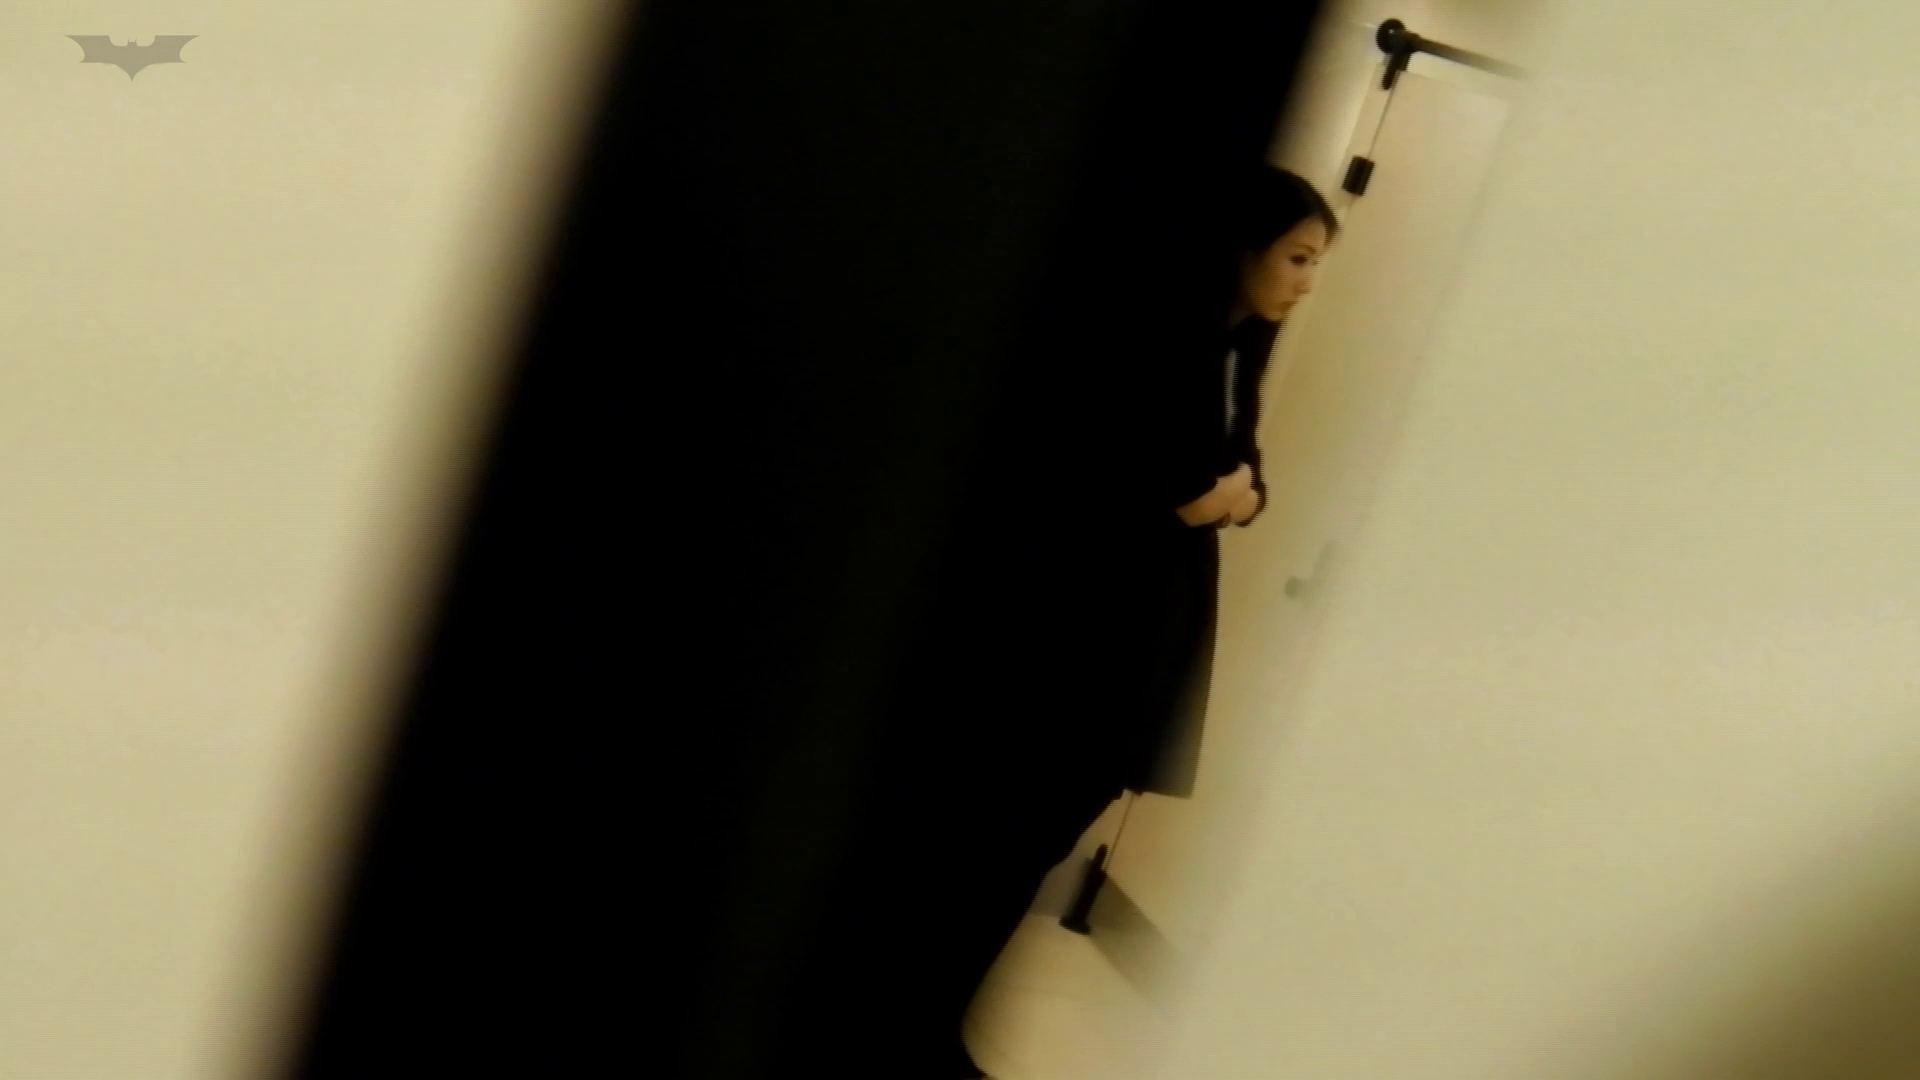 新世界の射窓 No78 トリンドル 玲奈似登場シリーズ美女率最高作! 高画質  89PIX 76